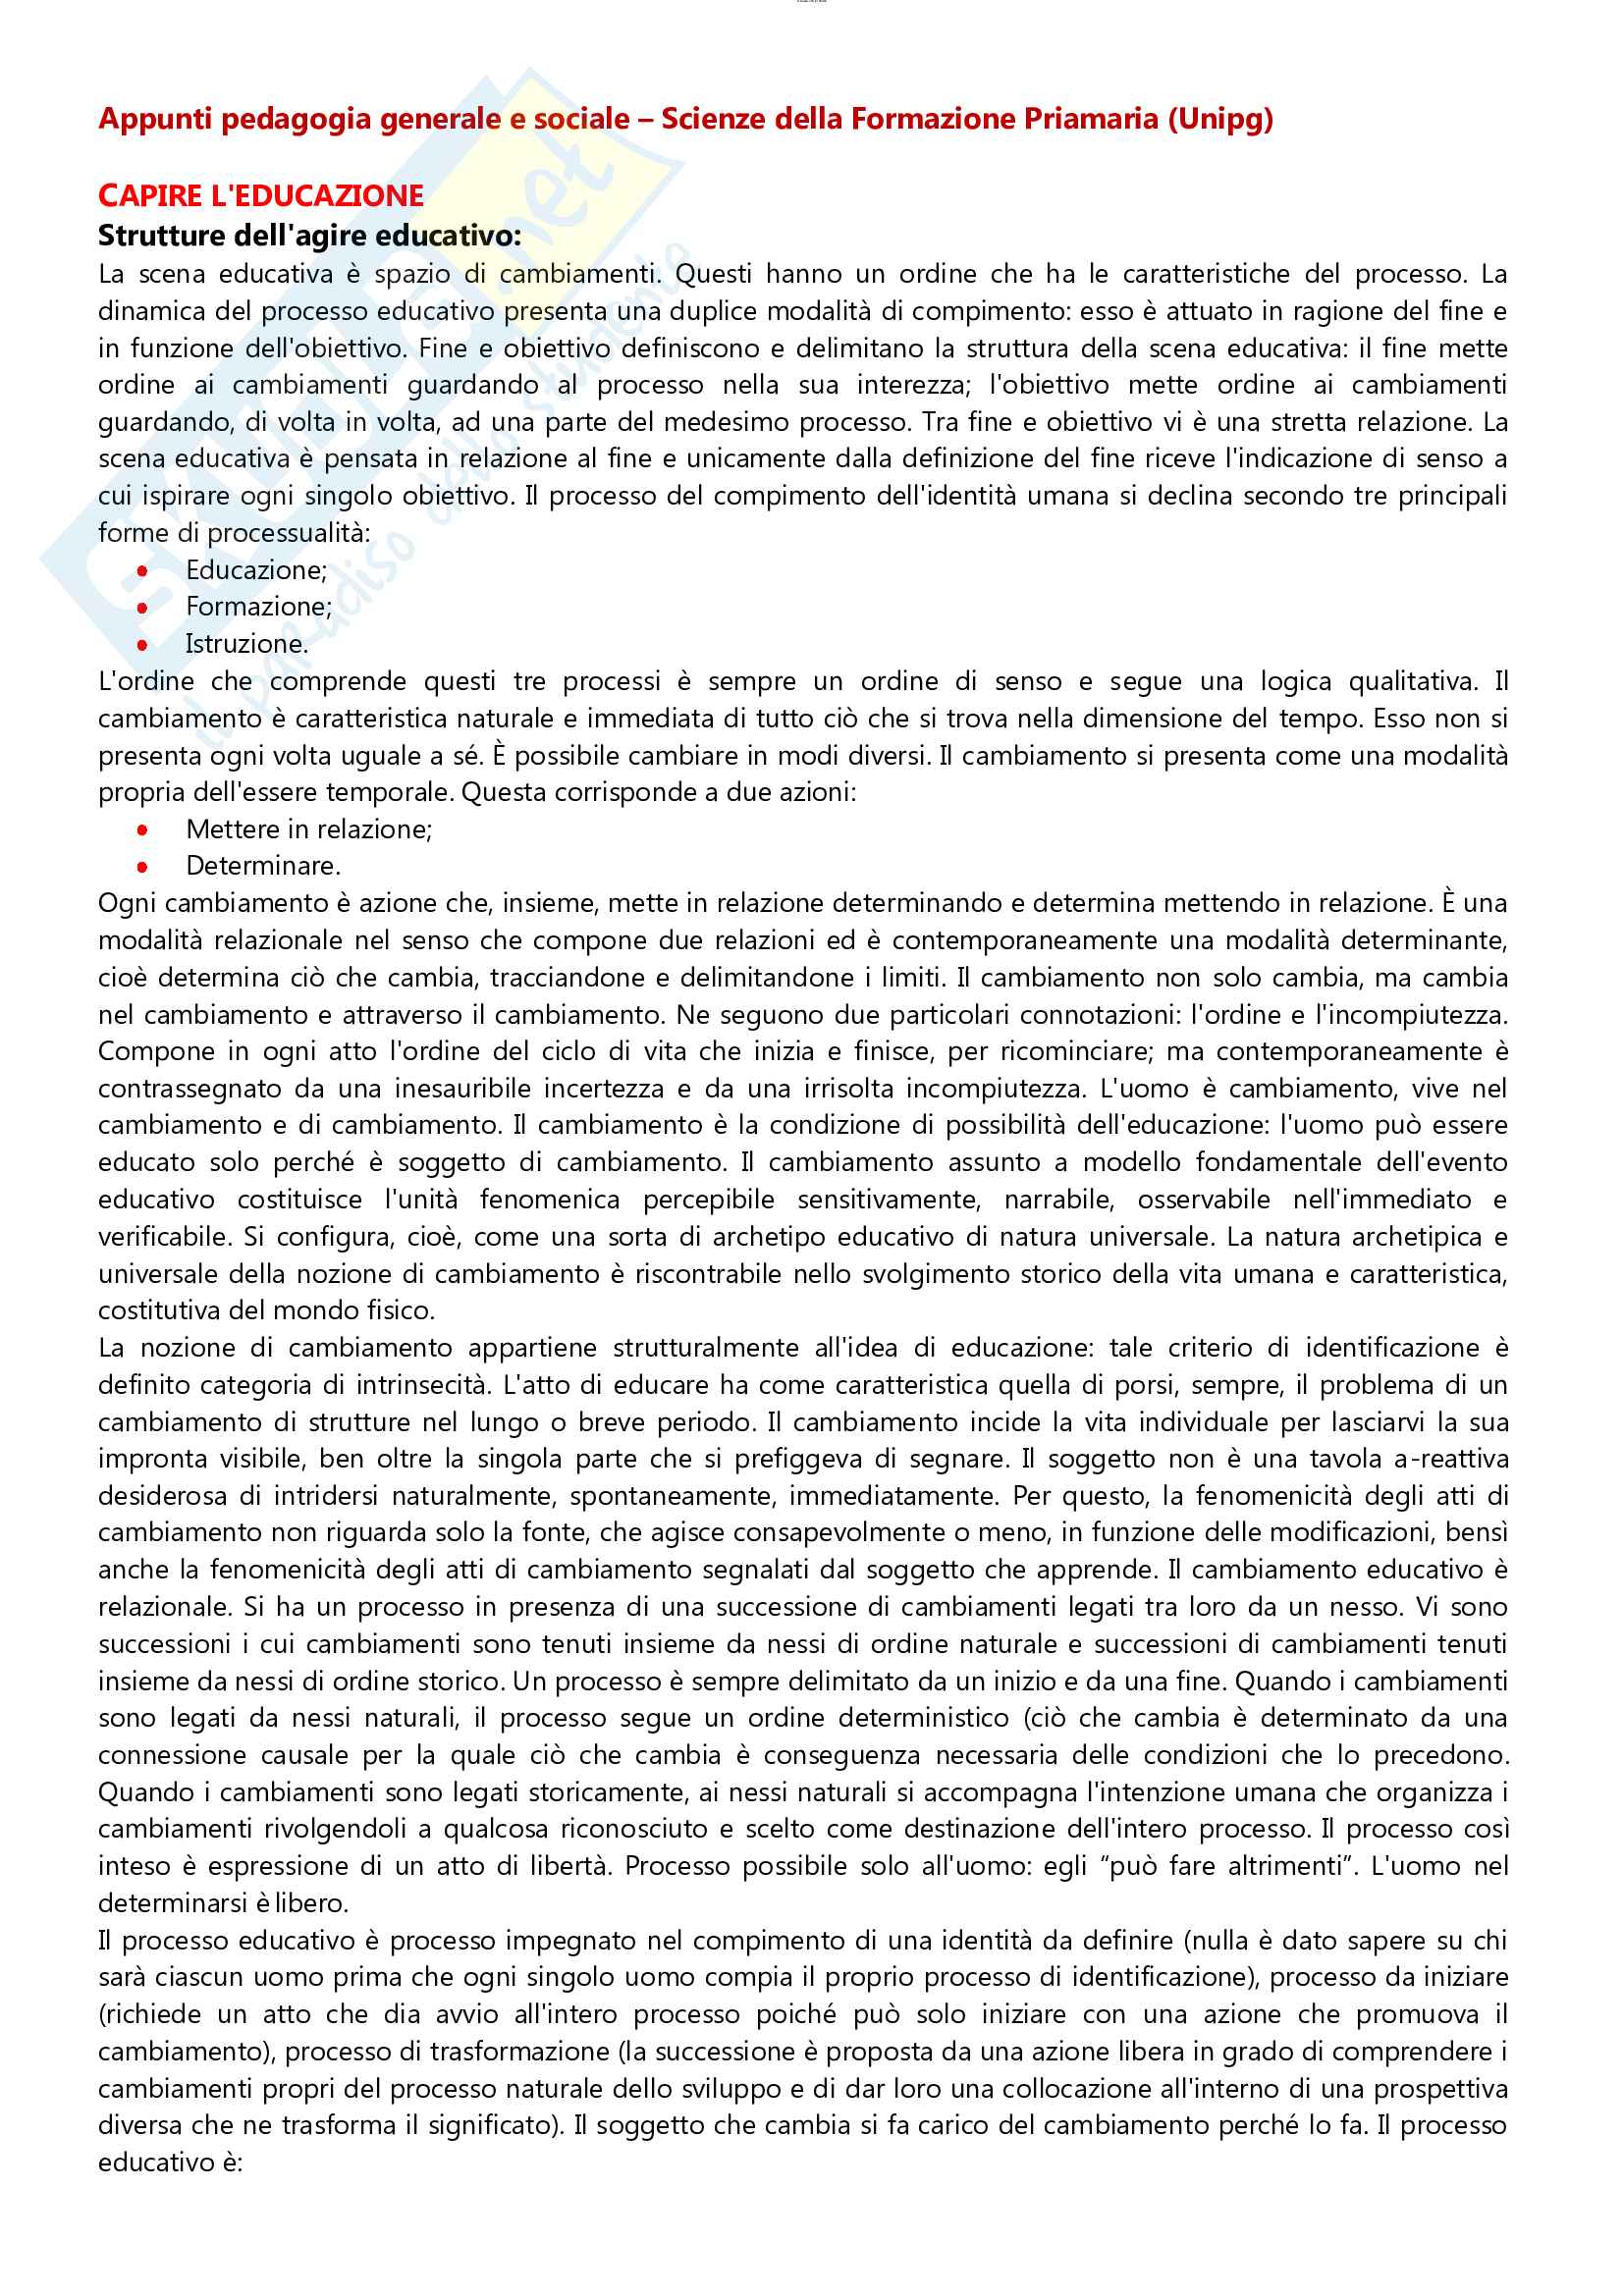 Riassunto esame pedagogia generale e sociale, prof Farinelli, libro consigliato Capire l'educazione, Nosari